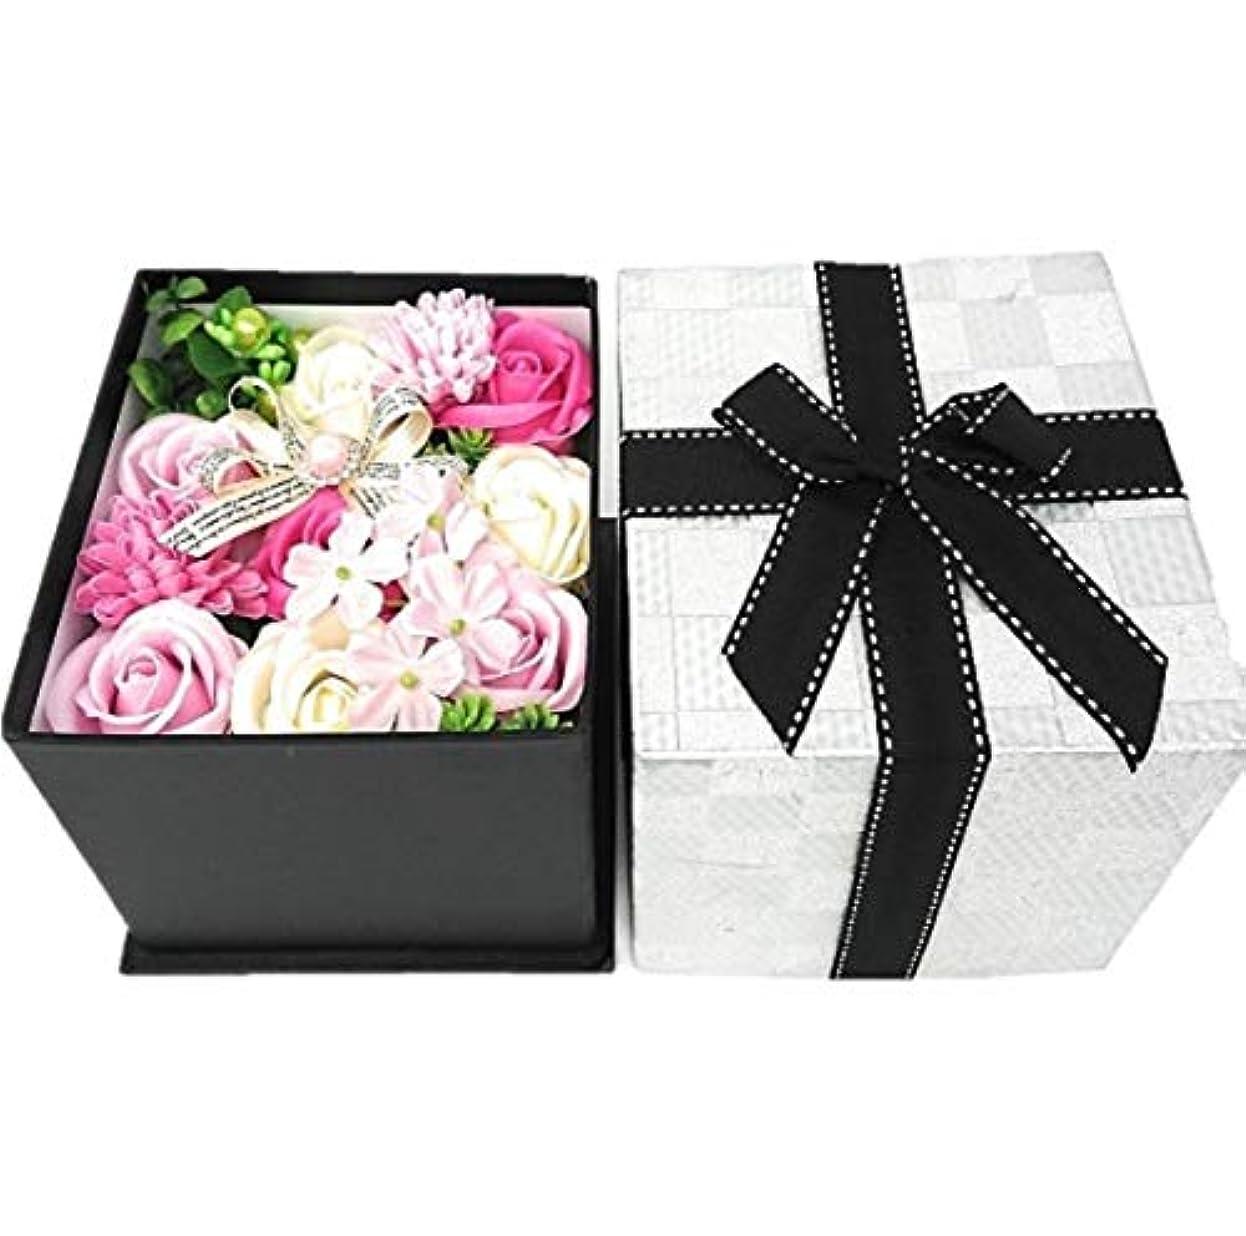 呼ぶ魅力的ユーモラスクルール バスフレグランス バスフラワー BOX L ピンク 入浴剤 ギフト